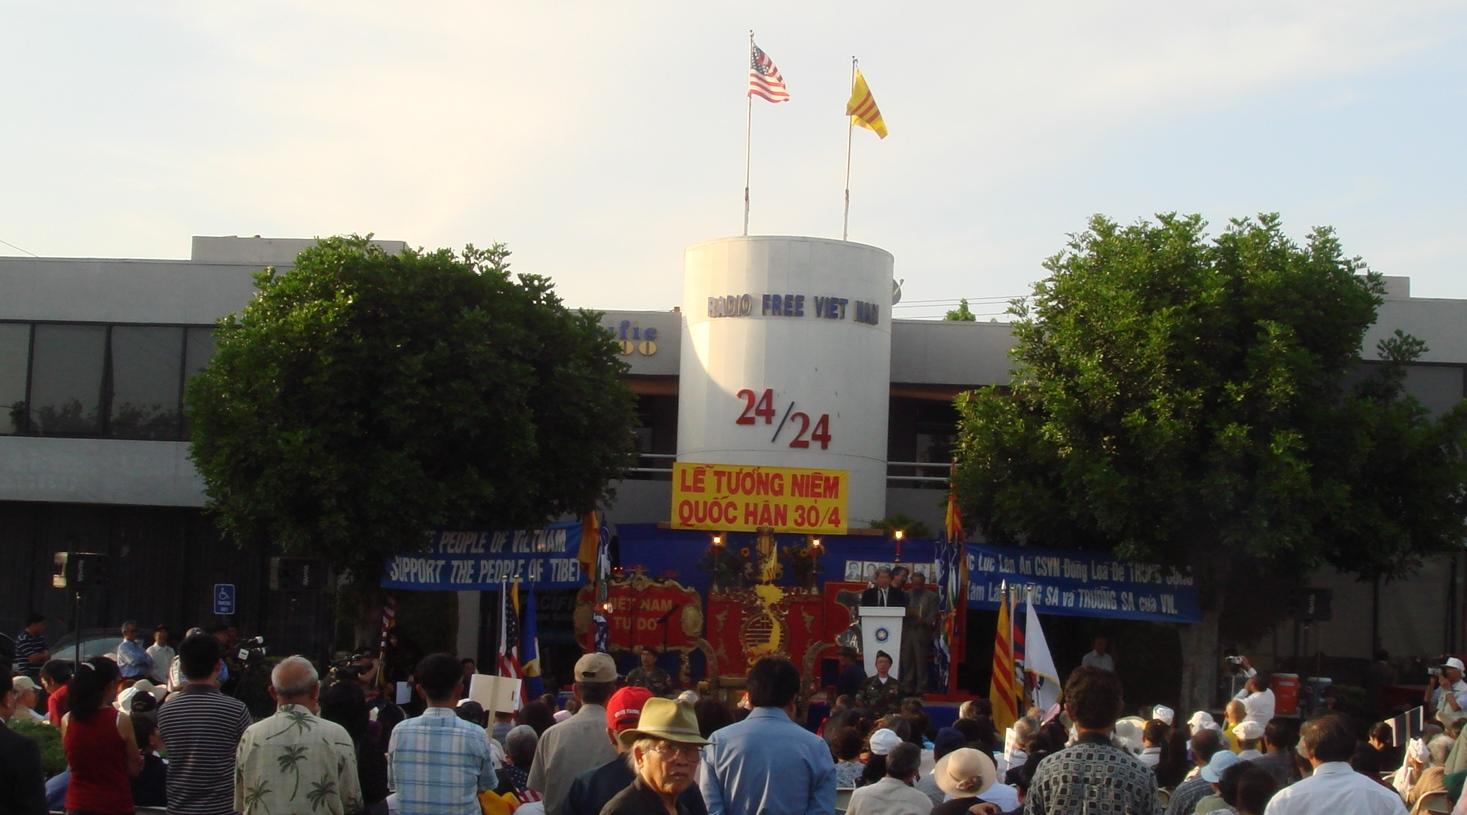 Quoc han 2008-10